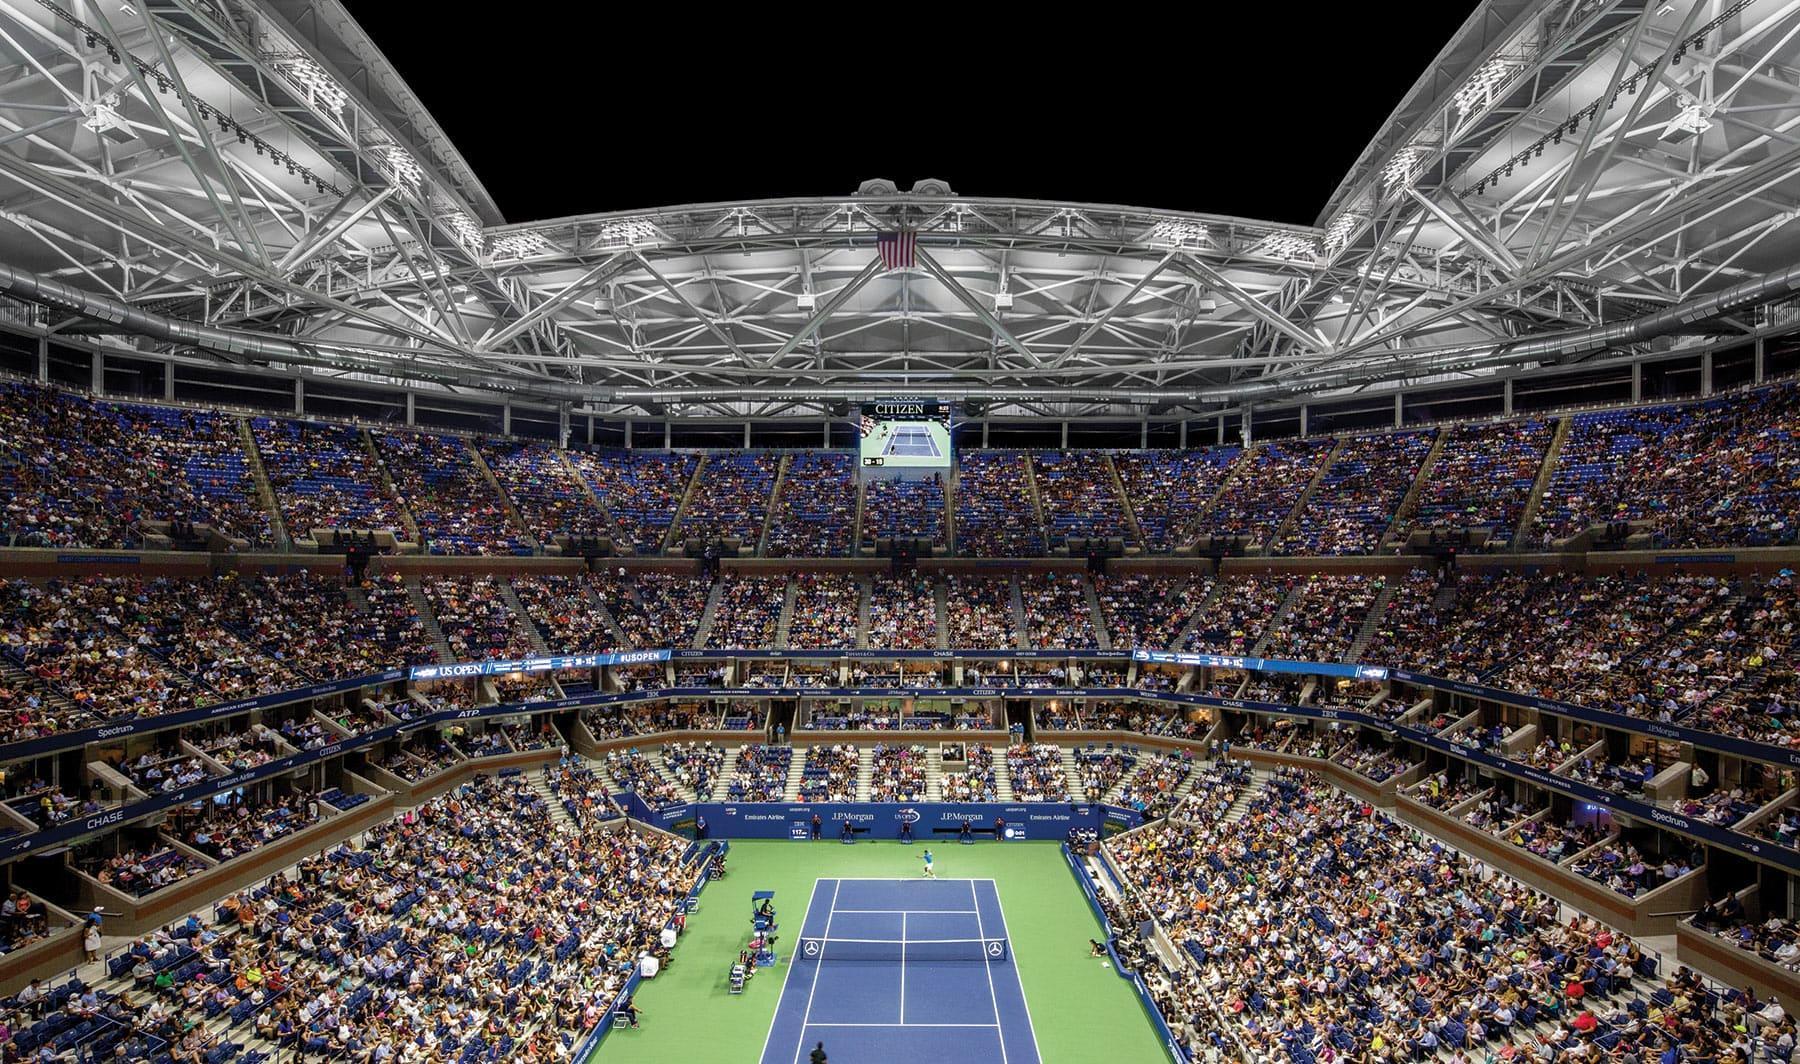 usta arthur ashe stadium roof